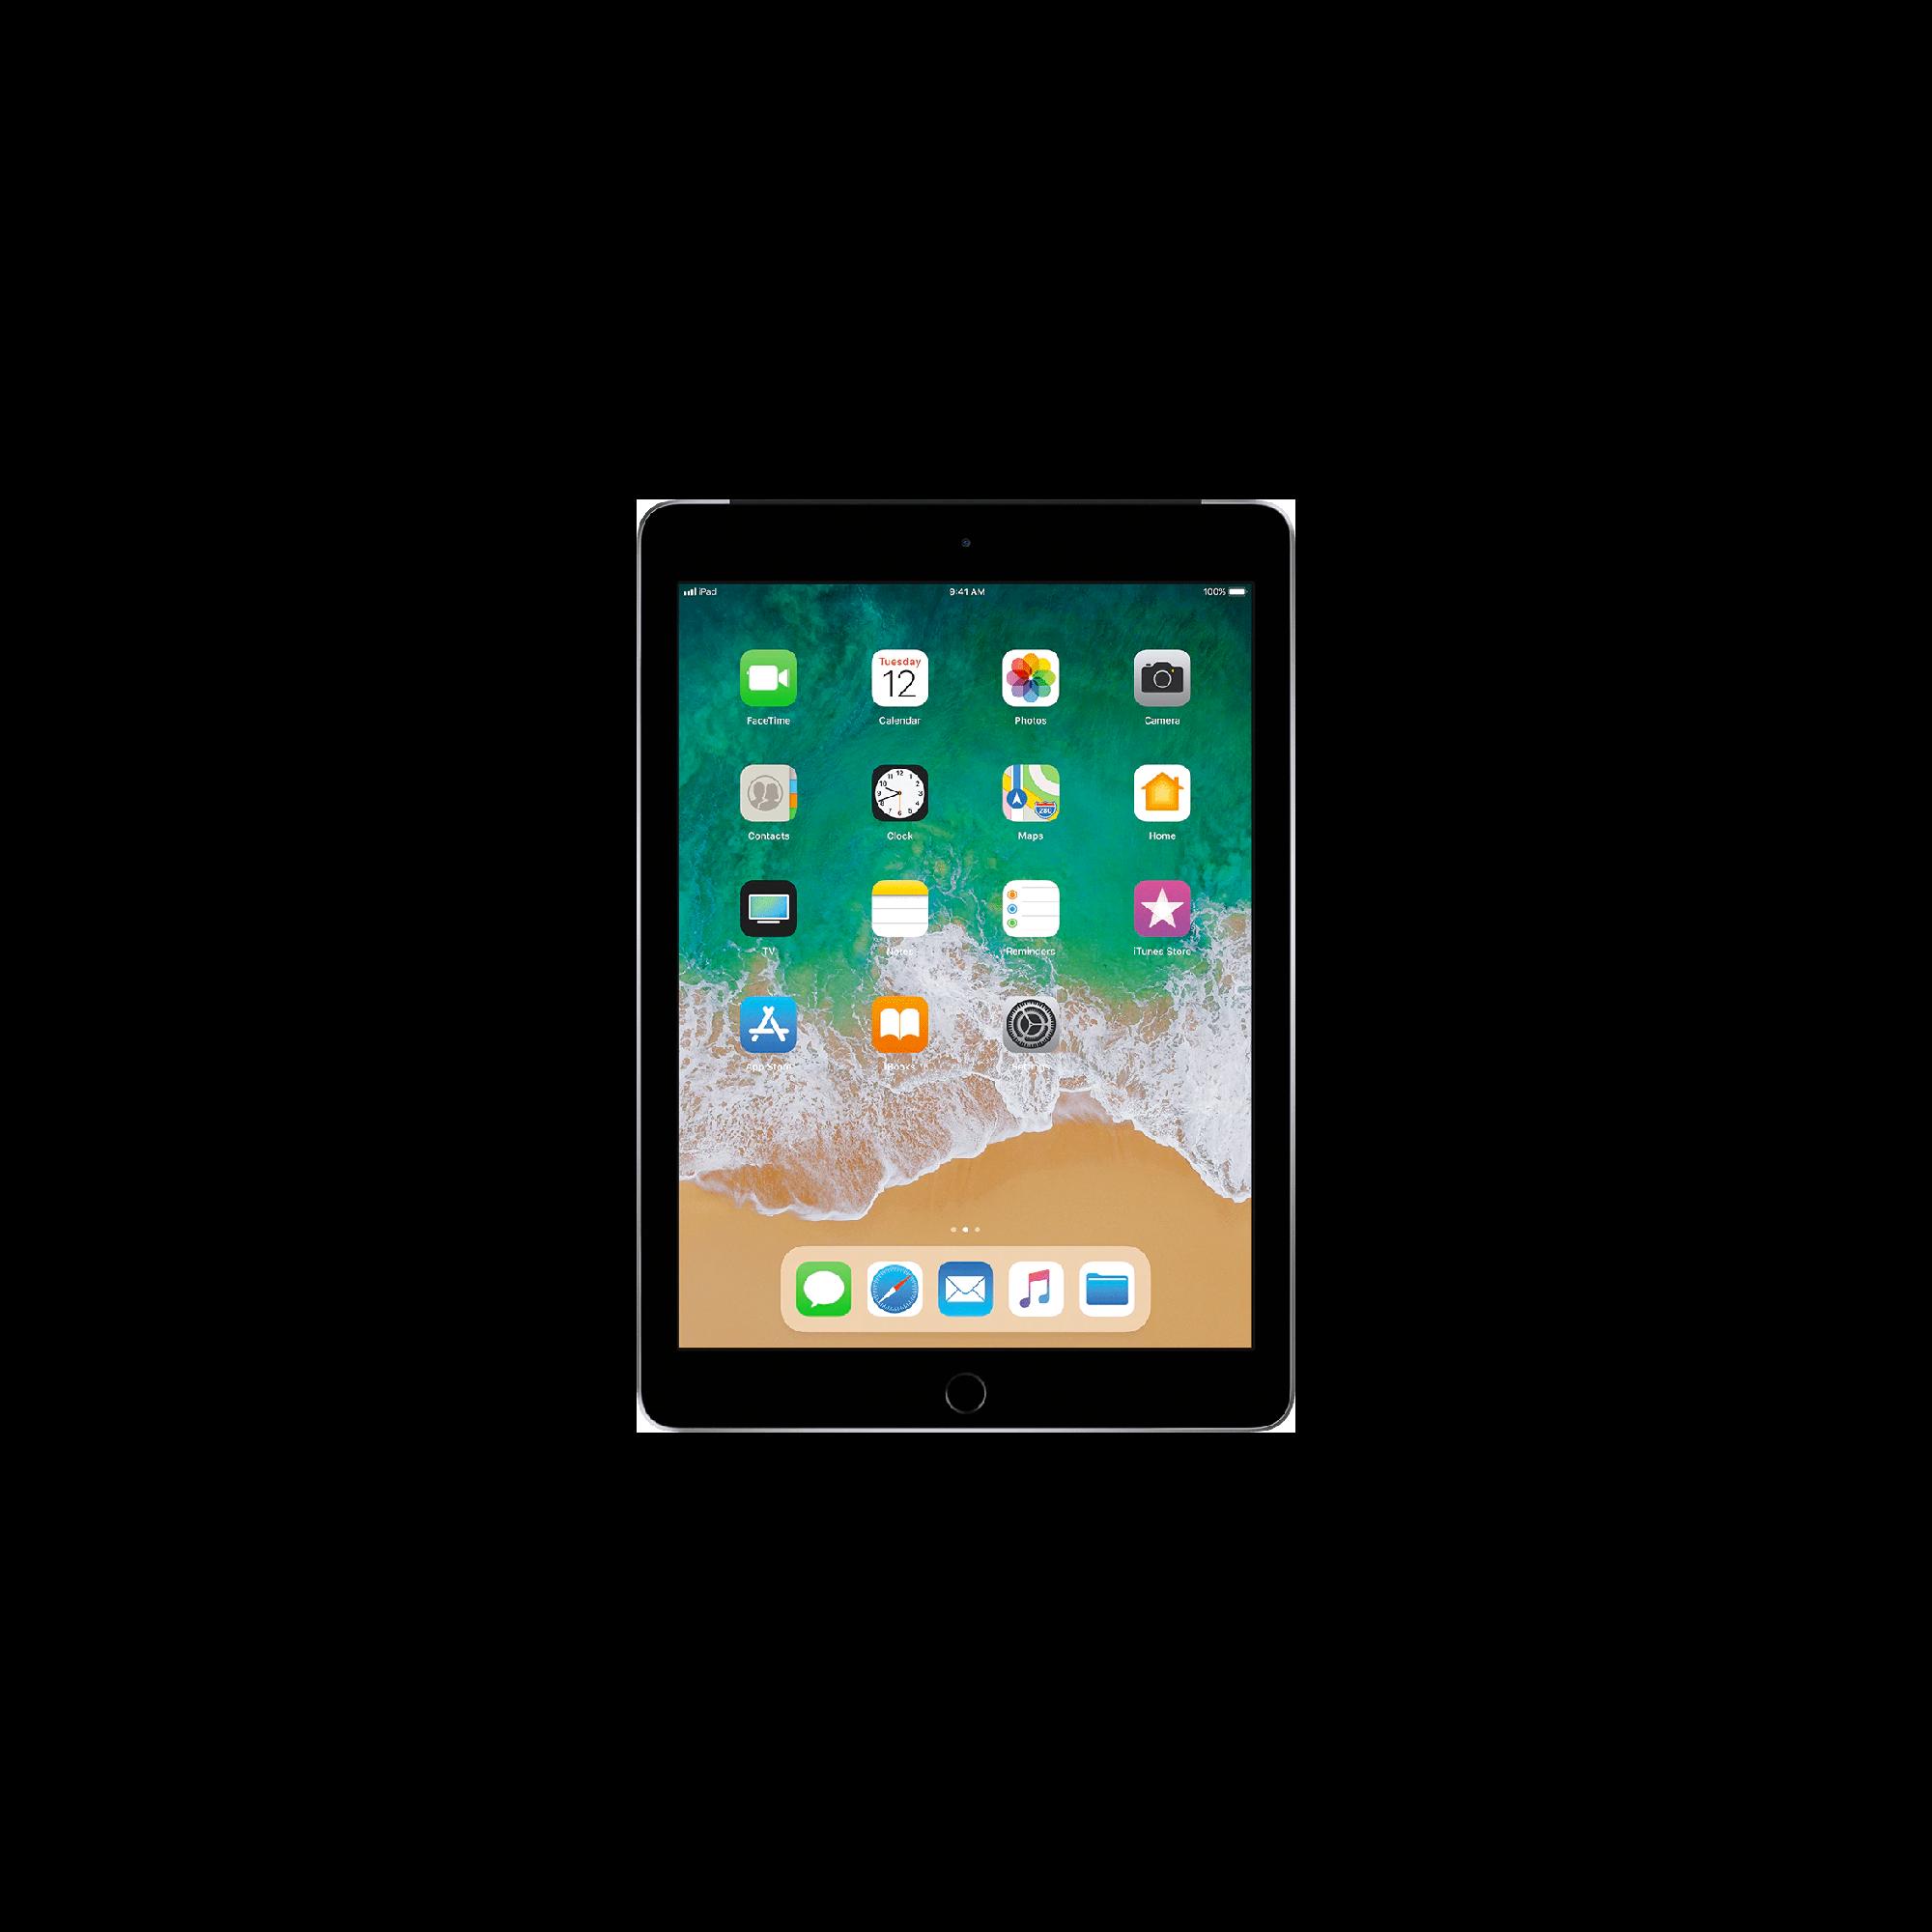 iPad 6 | $120 + tax